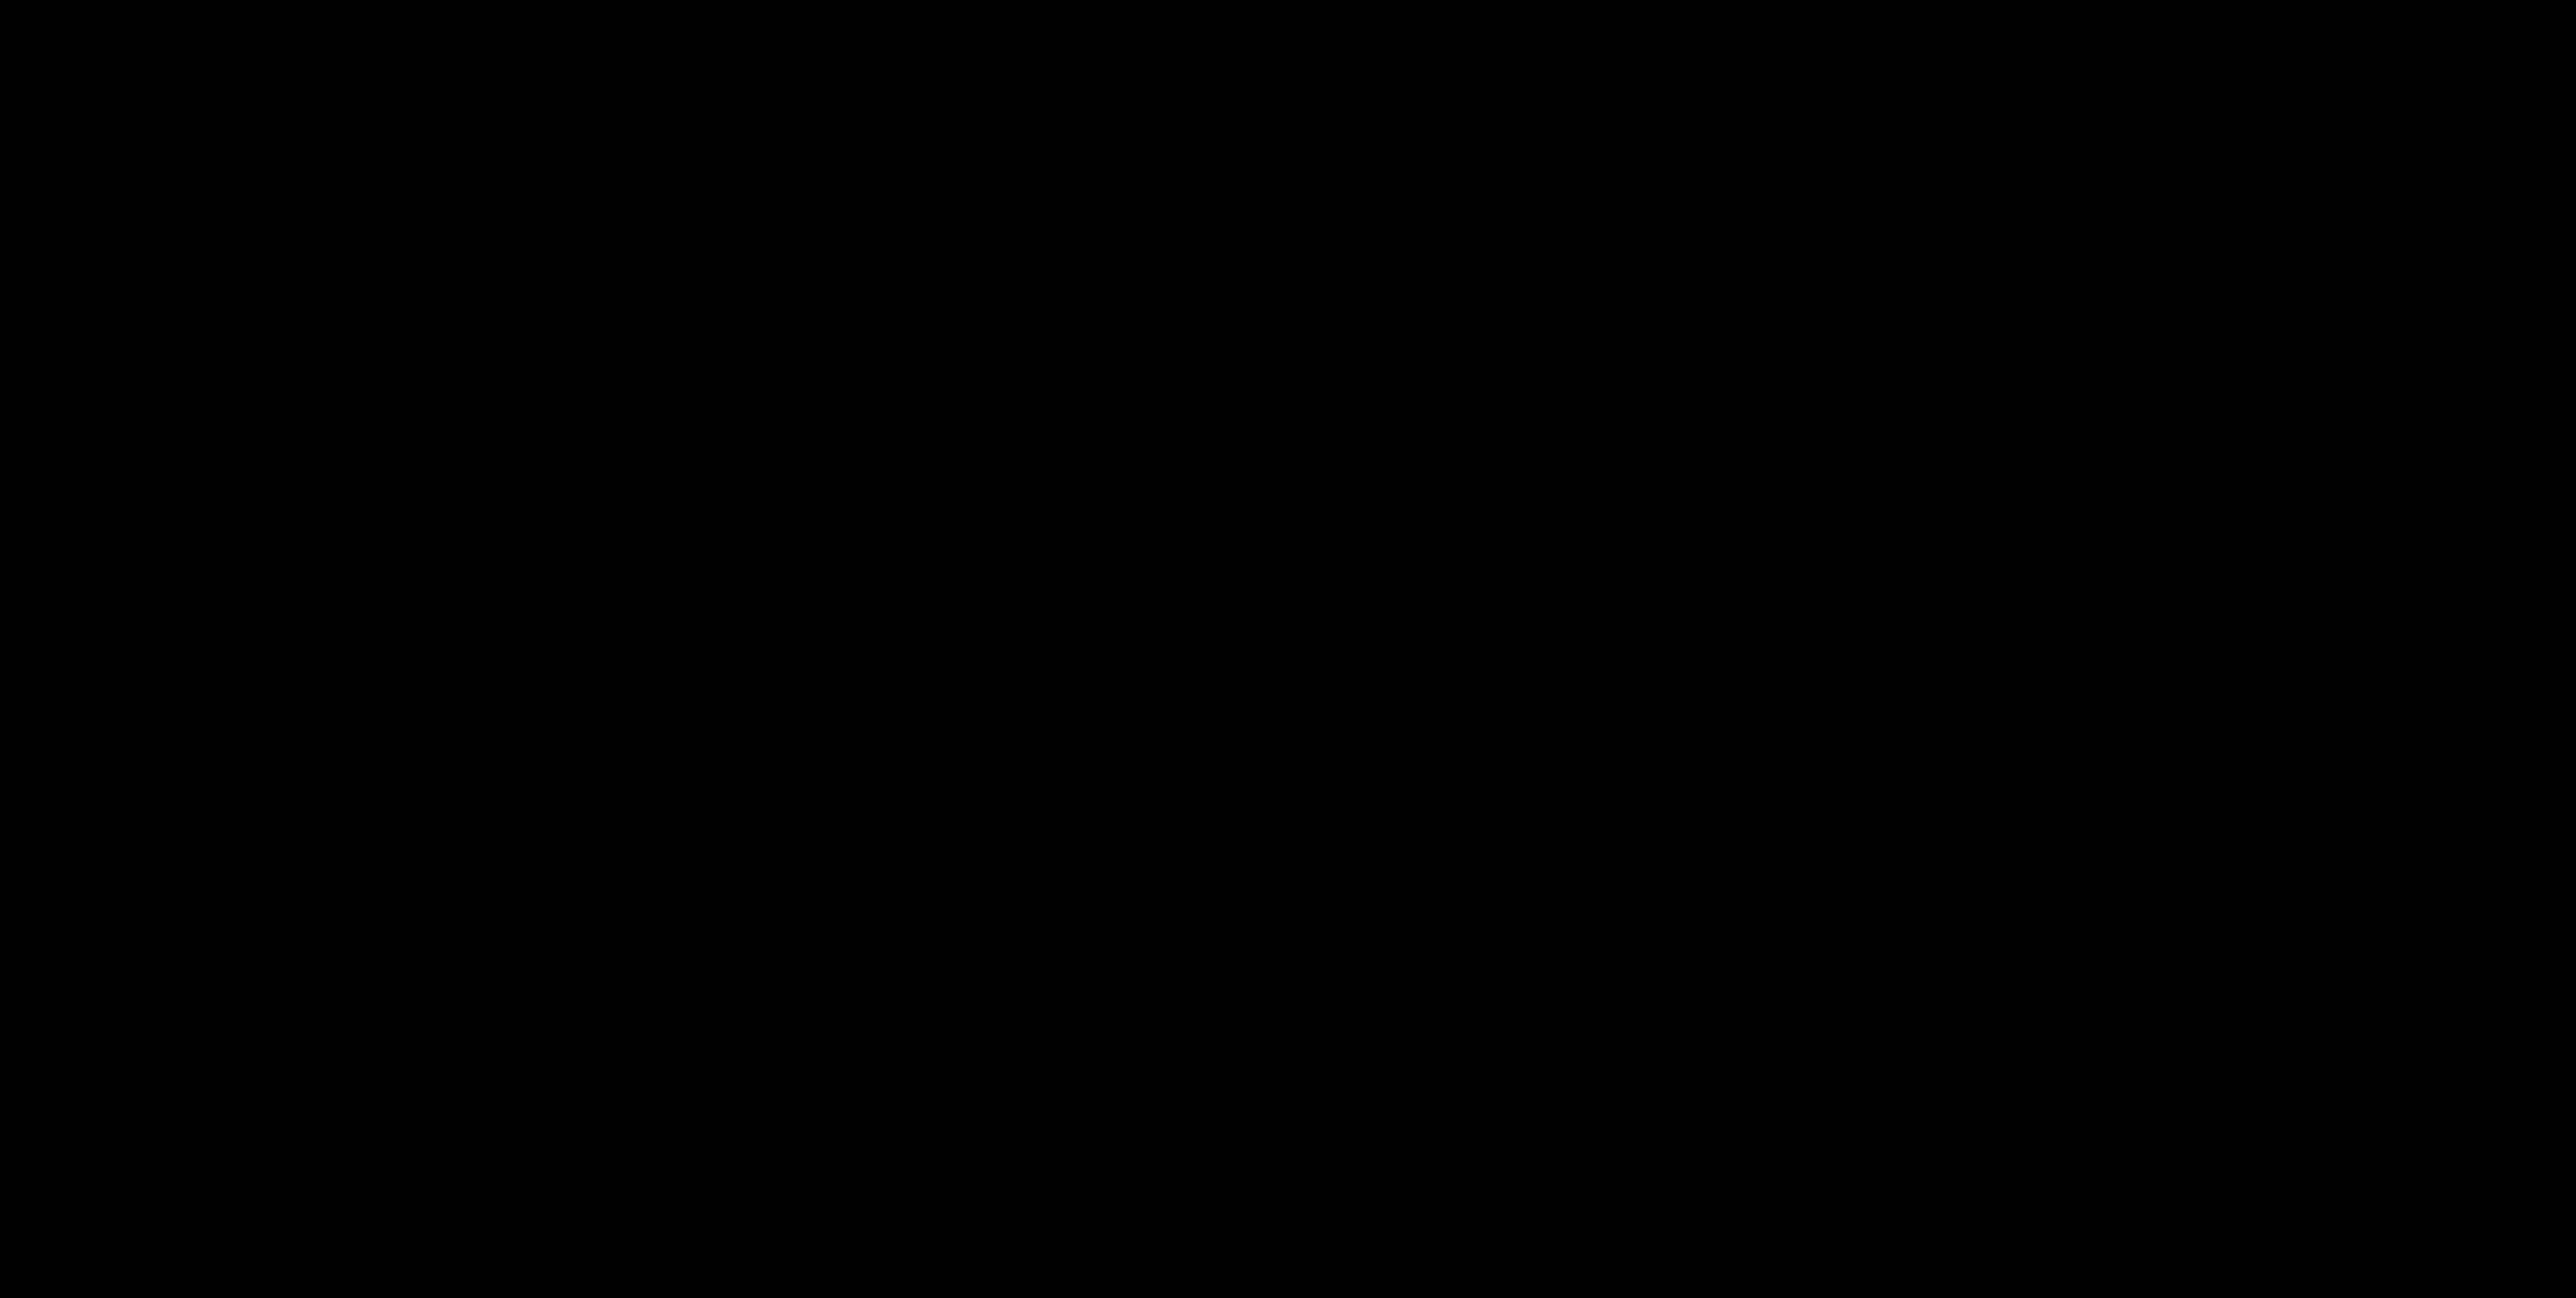 宫崎骏的所有动画片_票房高达32亿,这部得宫崎骏真传的动画片将在国内上映